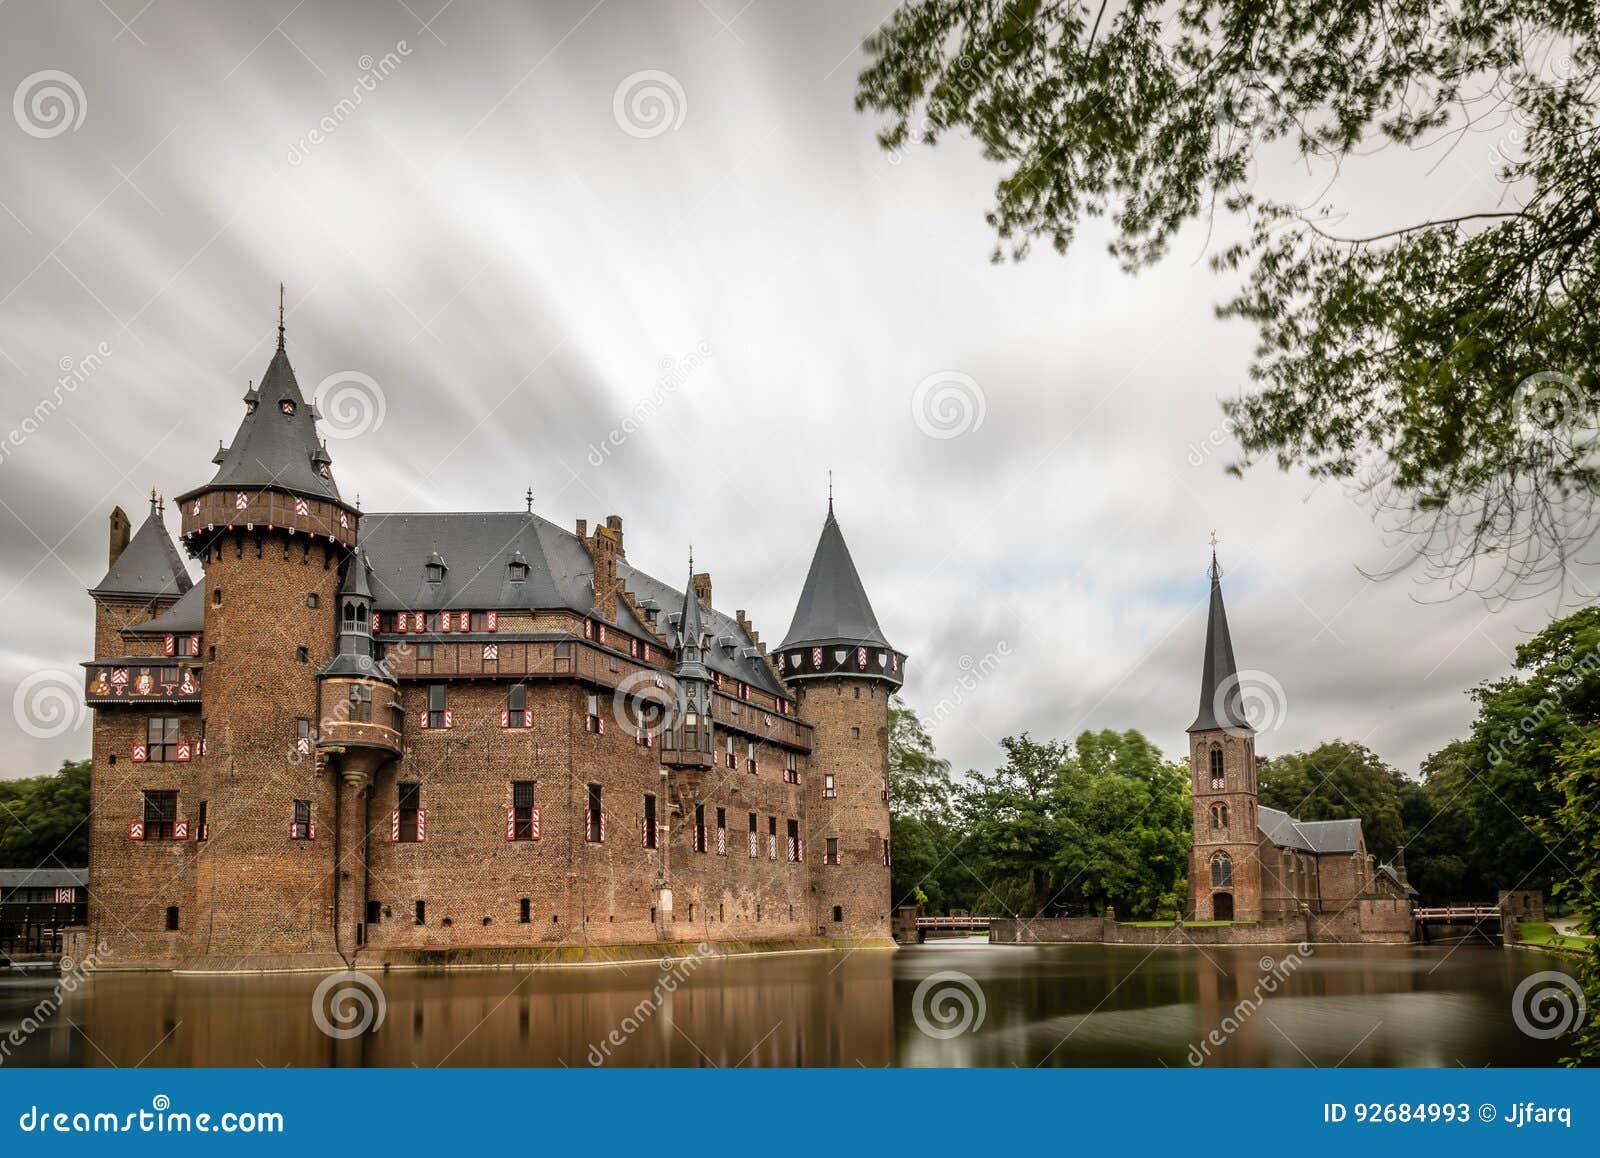 De Haar Castle is the biggest castle in The Netherlands